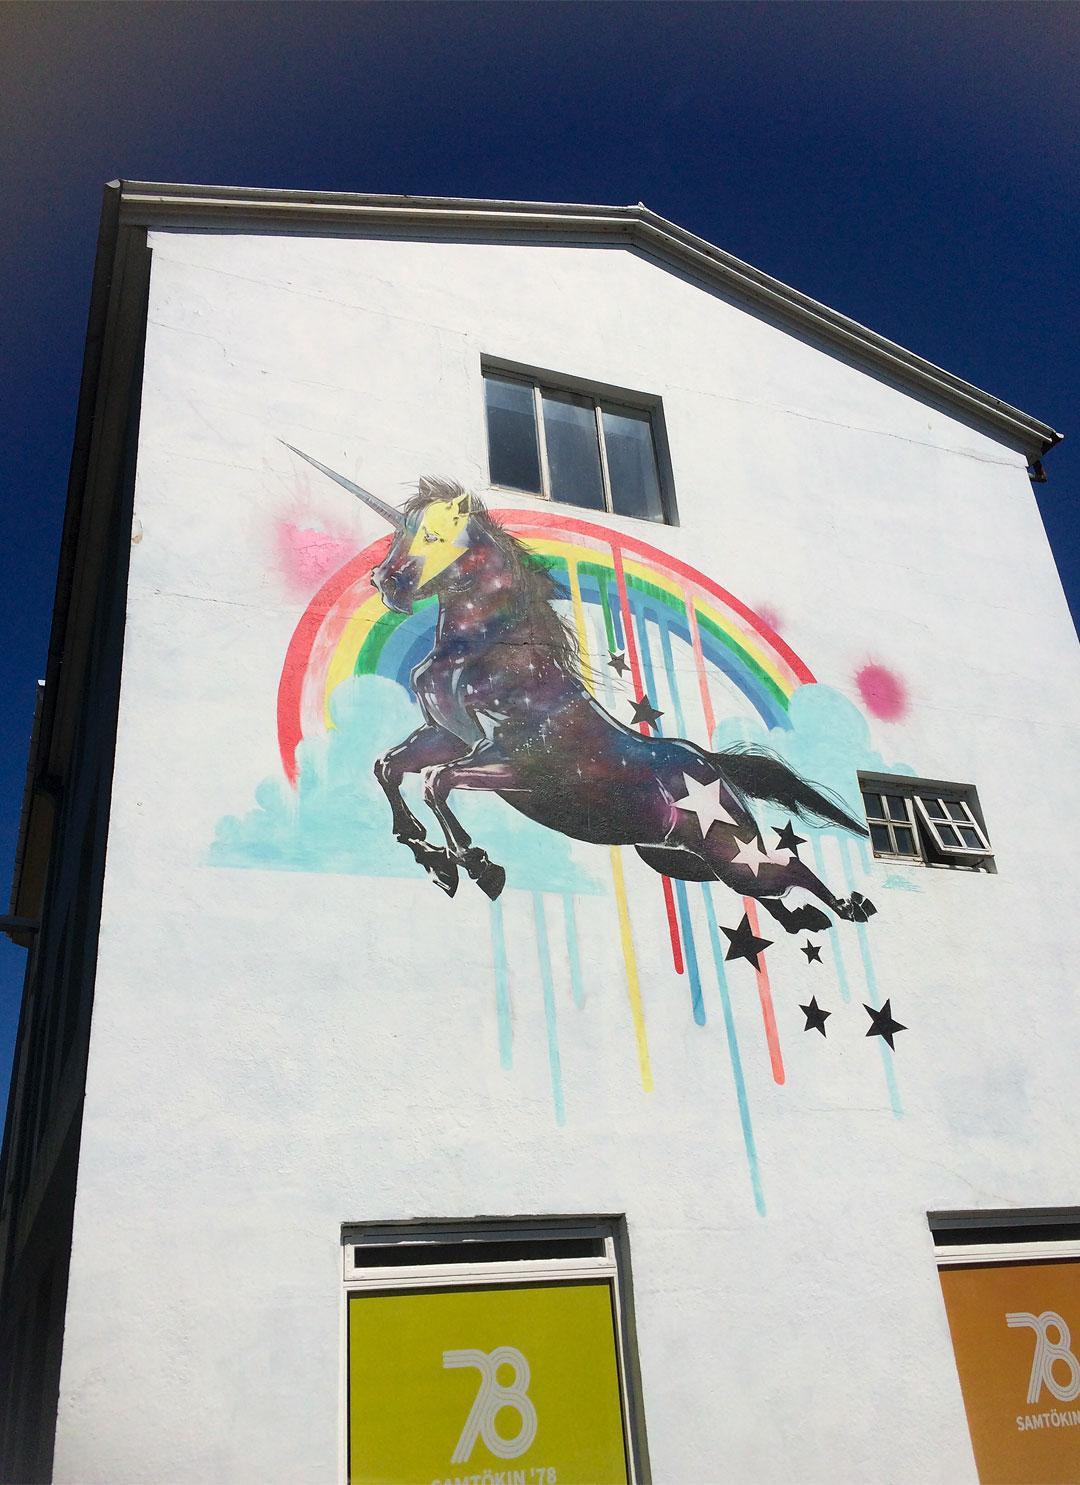 Unicorn mural in Reykjavik